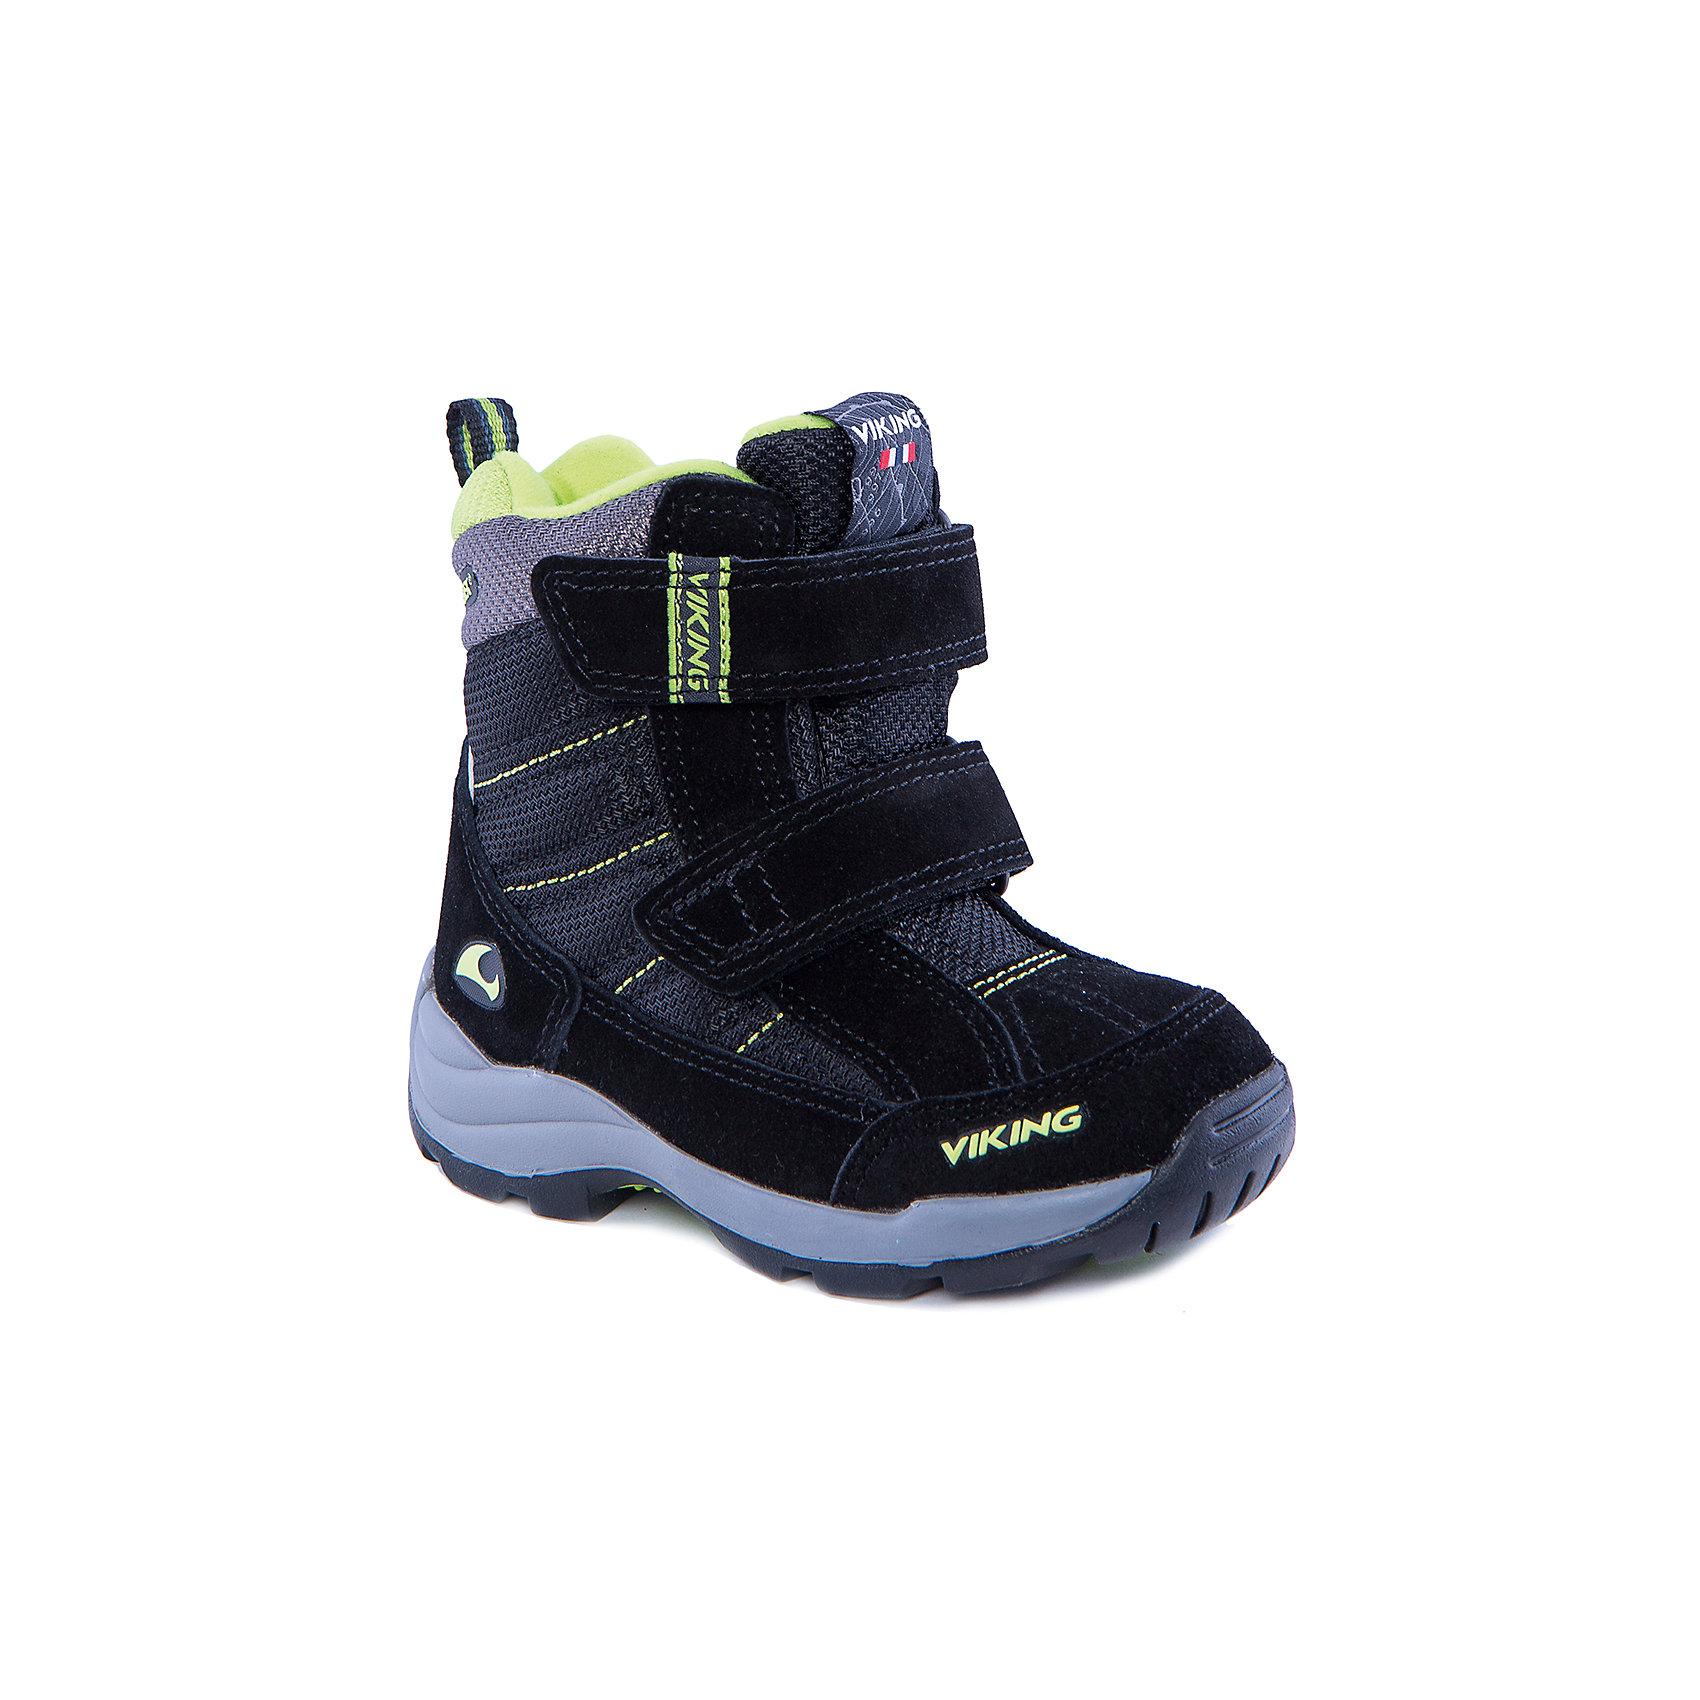 Ботинки для мальчика VIKINGПрочные ботинки с усиленным внешним слоем позволят ребёнку играть на улице в мороз, обеспечив его теплом и удобством. Мембрана GORE-TEX® обеспечит стопроцентную водонепроницаемость, позволяя ногам дышать, а шерстяная подкладка подарит тепло. Система липучек позволит быстро одеть и застегнуть обувь на любой ноге. Натуральная резиновая подошва обеспечит отличное сцепление с поверхностью и амортизацию. Тёплая обувь стильного, спортивного вида!<br>Состав:<br>Материал верха: 60% натуральная замша, 40% текстиль<br>Материал подклада: мембранная подкладка GORE-TEX<br><br>Ширина мм: 262<br>Глубина мм: 176<br>Высота мм: 97<br>Вес г: 427<br>Цвет: черный<br>Возраст от месяцев: 21<br>Возраст до месяцев: 24<br>Пол: Мужской<br>Возраст: Детский<br>Размер: 24,26,29,30,23,27,28,25<br>SKU: 4279170